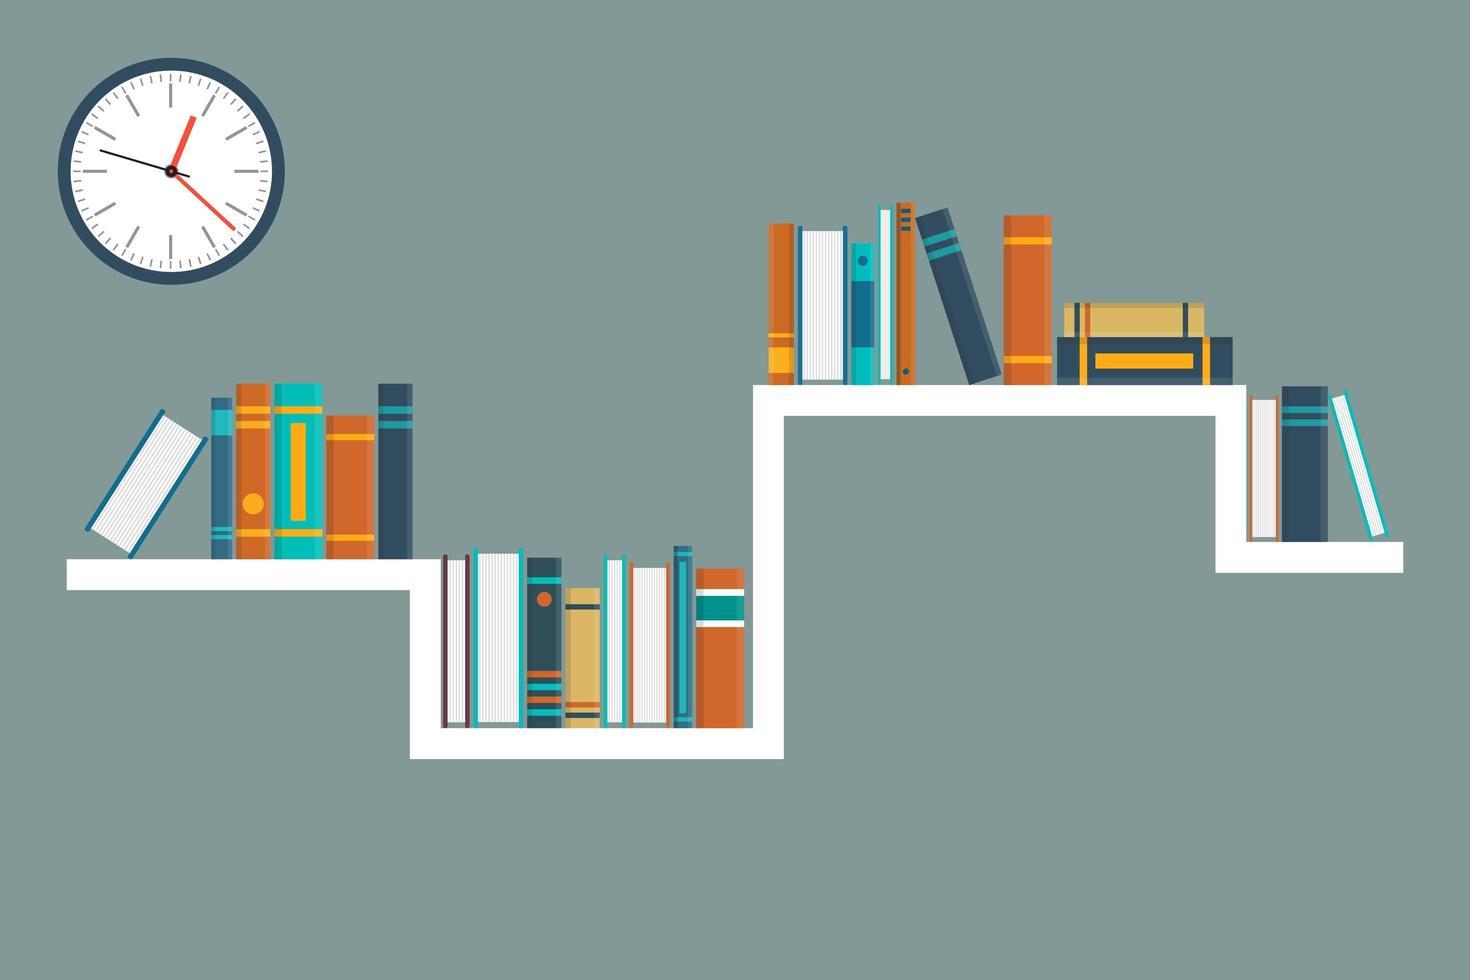 libri su uno scaffale e un orologio vettore